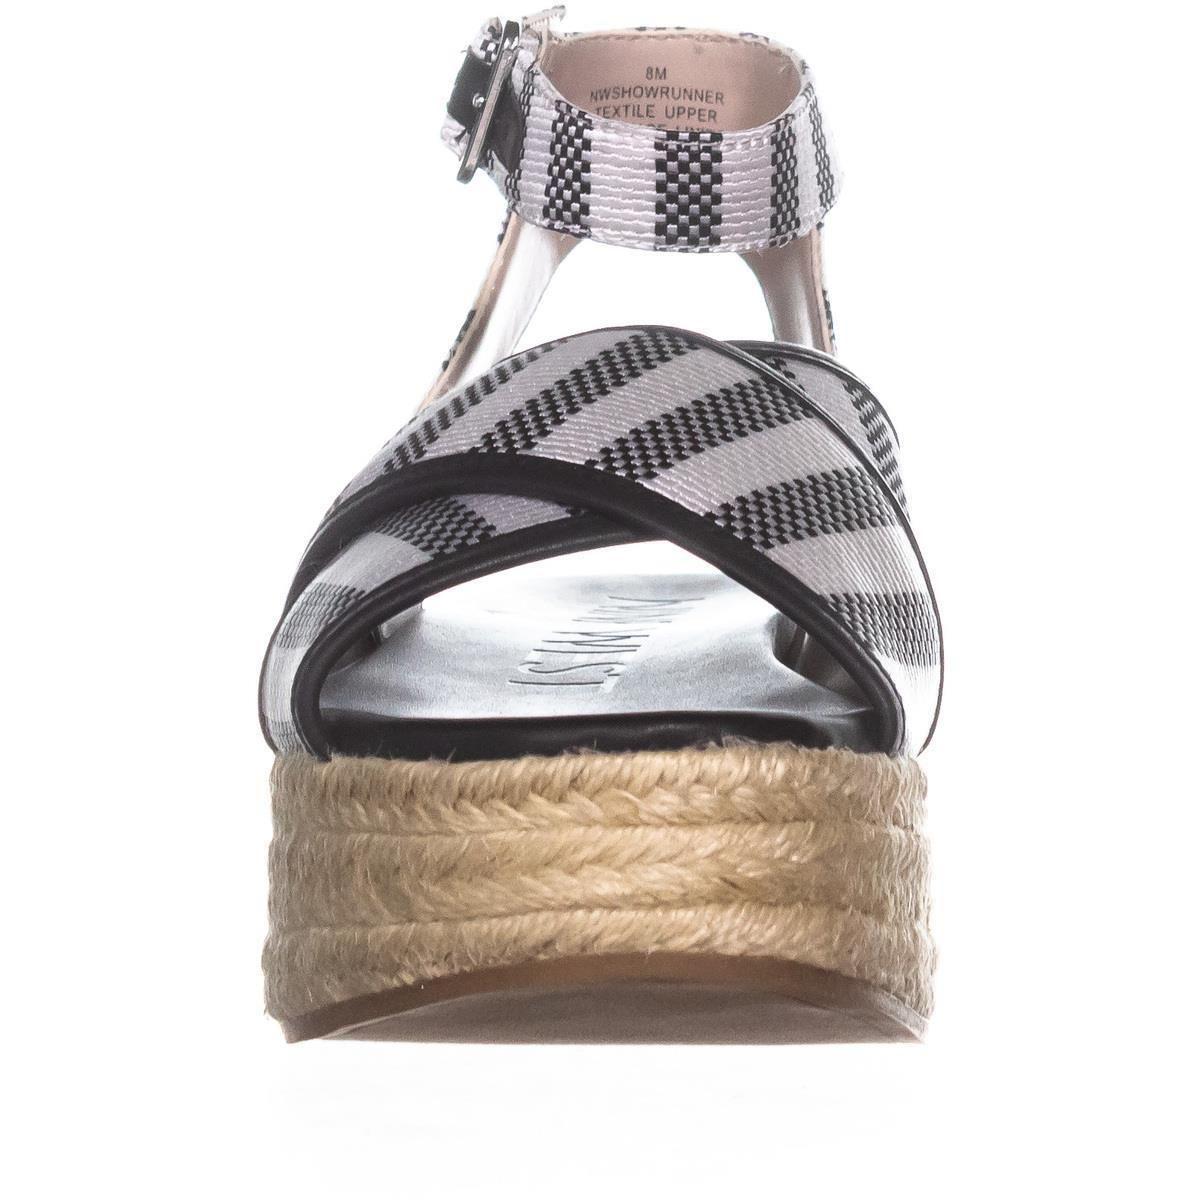 219066f27ad7 Nine West - Multicolor Showrunner Ankle Strap Sandals